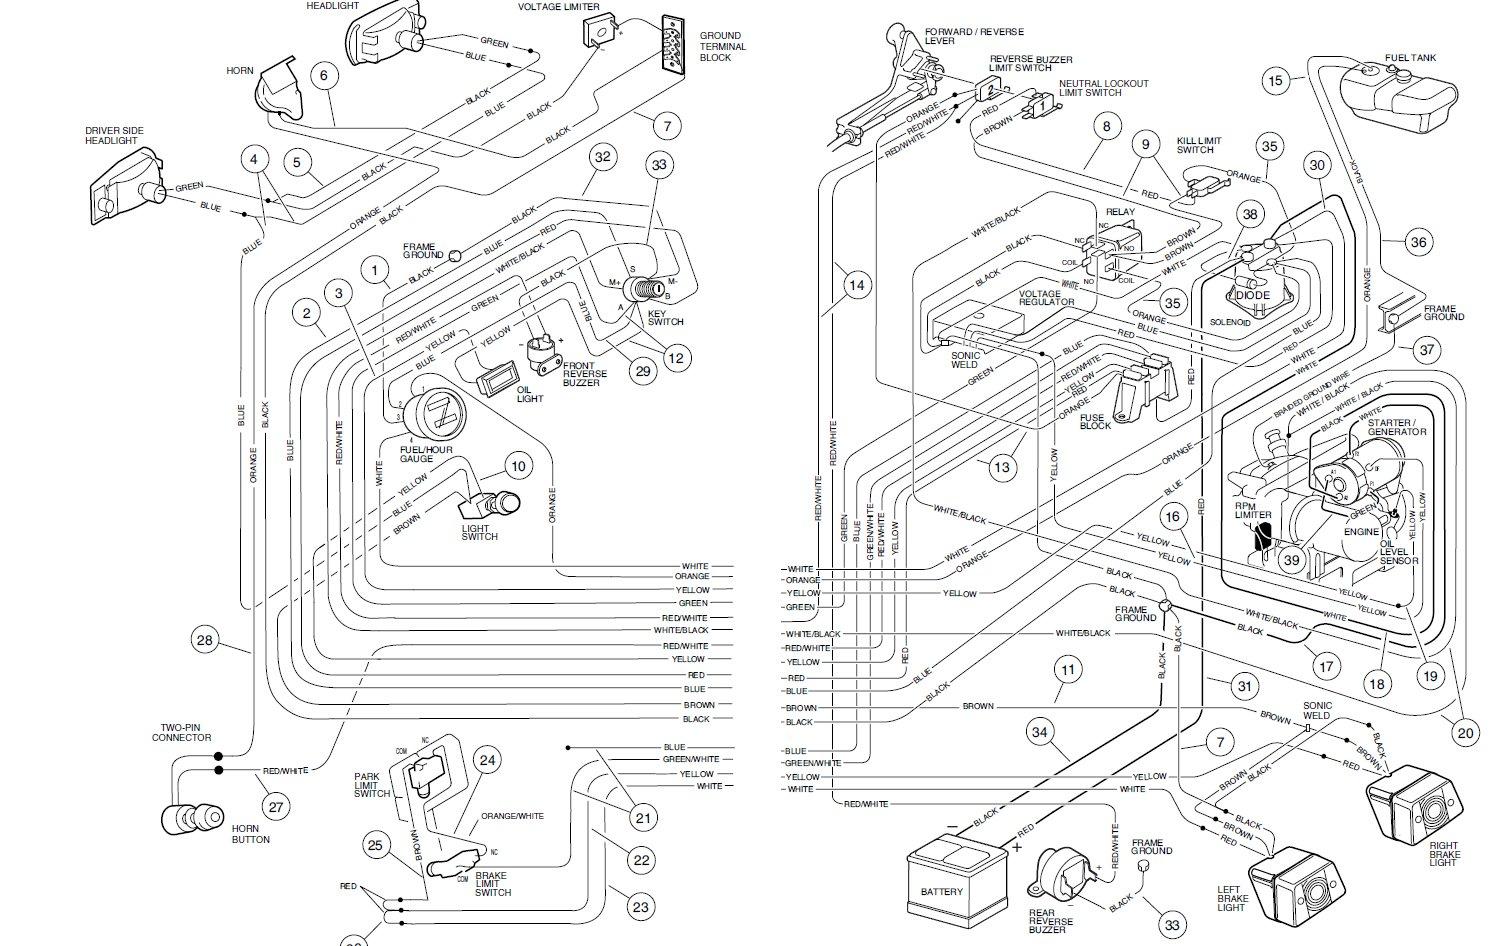 Club Car Carryall Turf 2 Wiring Diagram